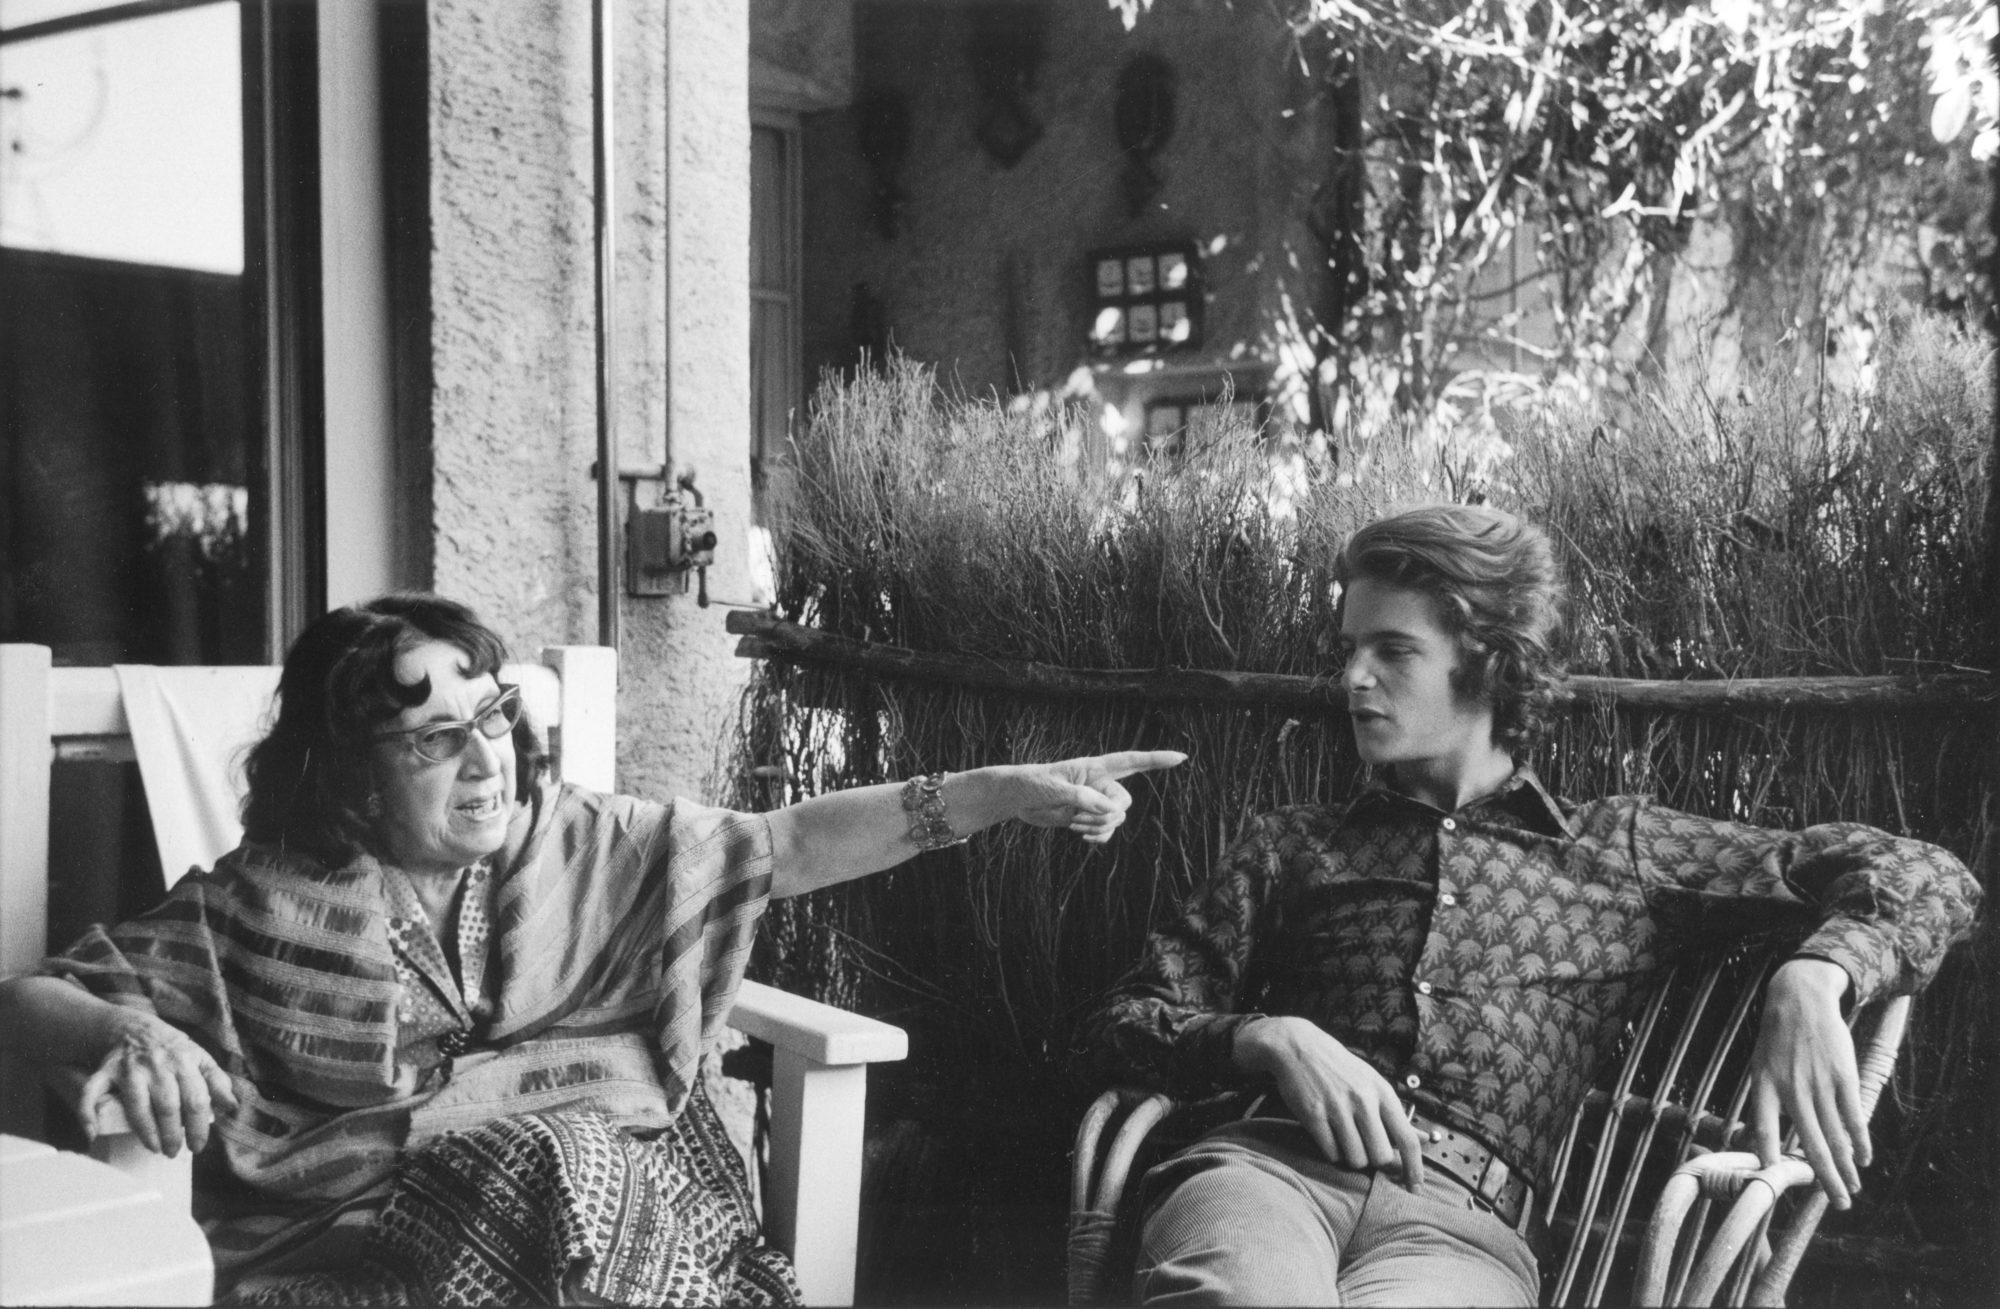 François-Marie Banier Marie-Laure de Noailles 1969-1970 - François-Marie Banier